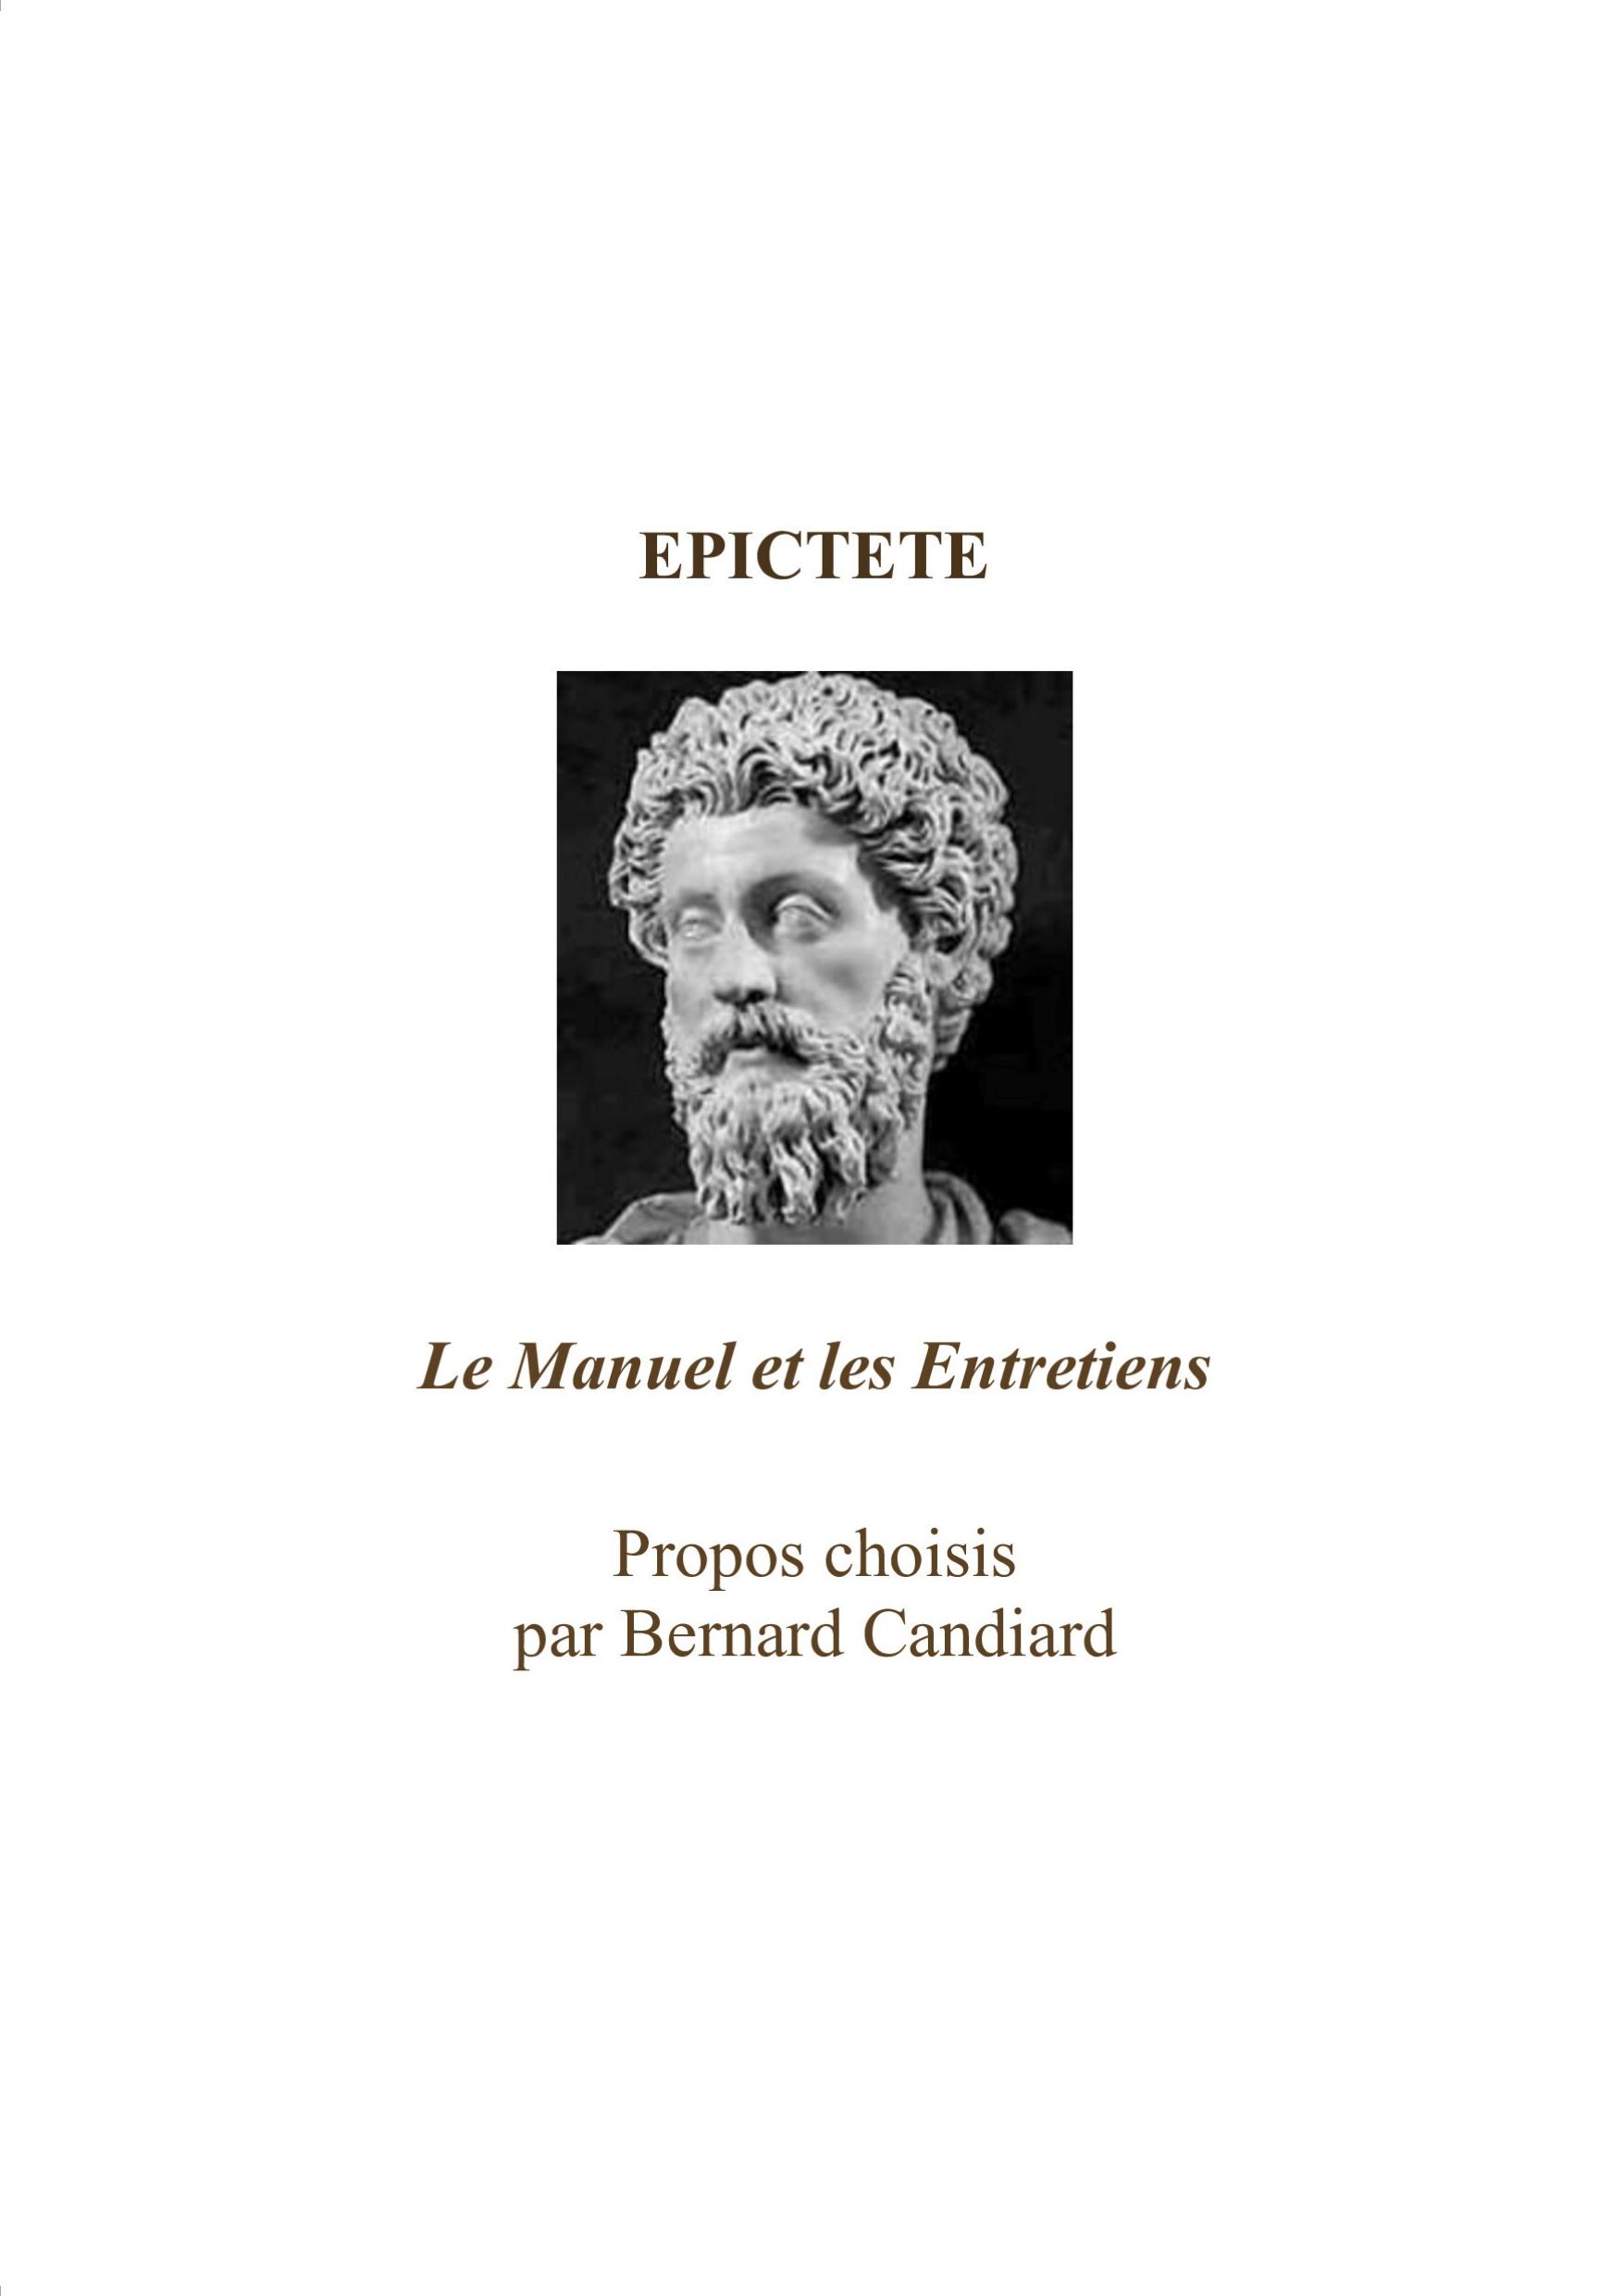 Epictète Propos choisis